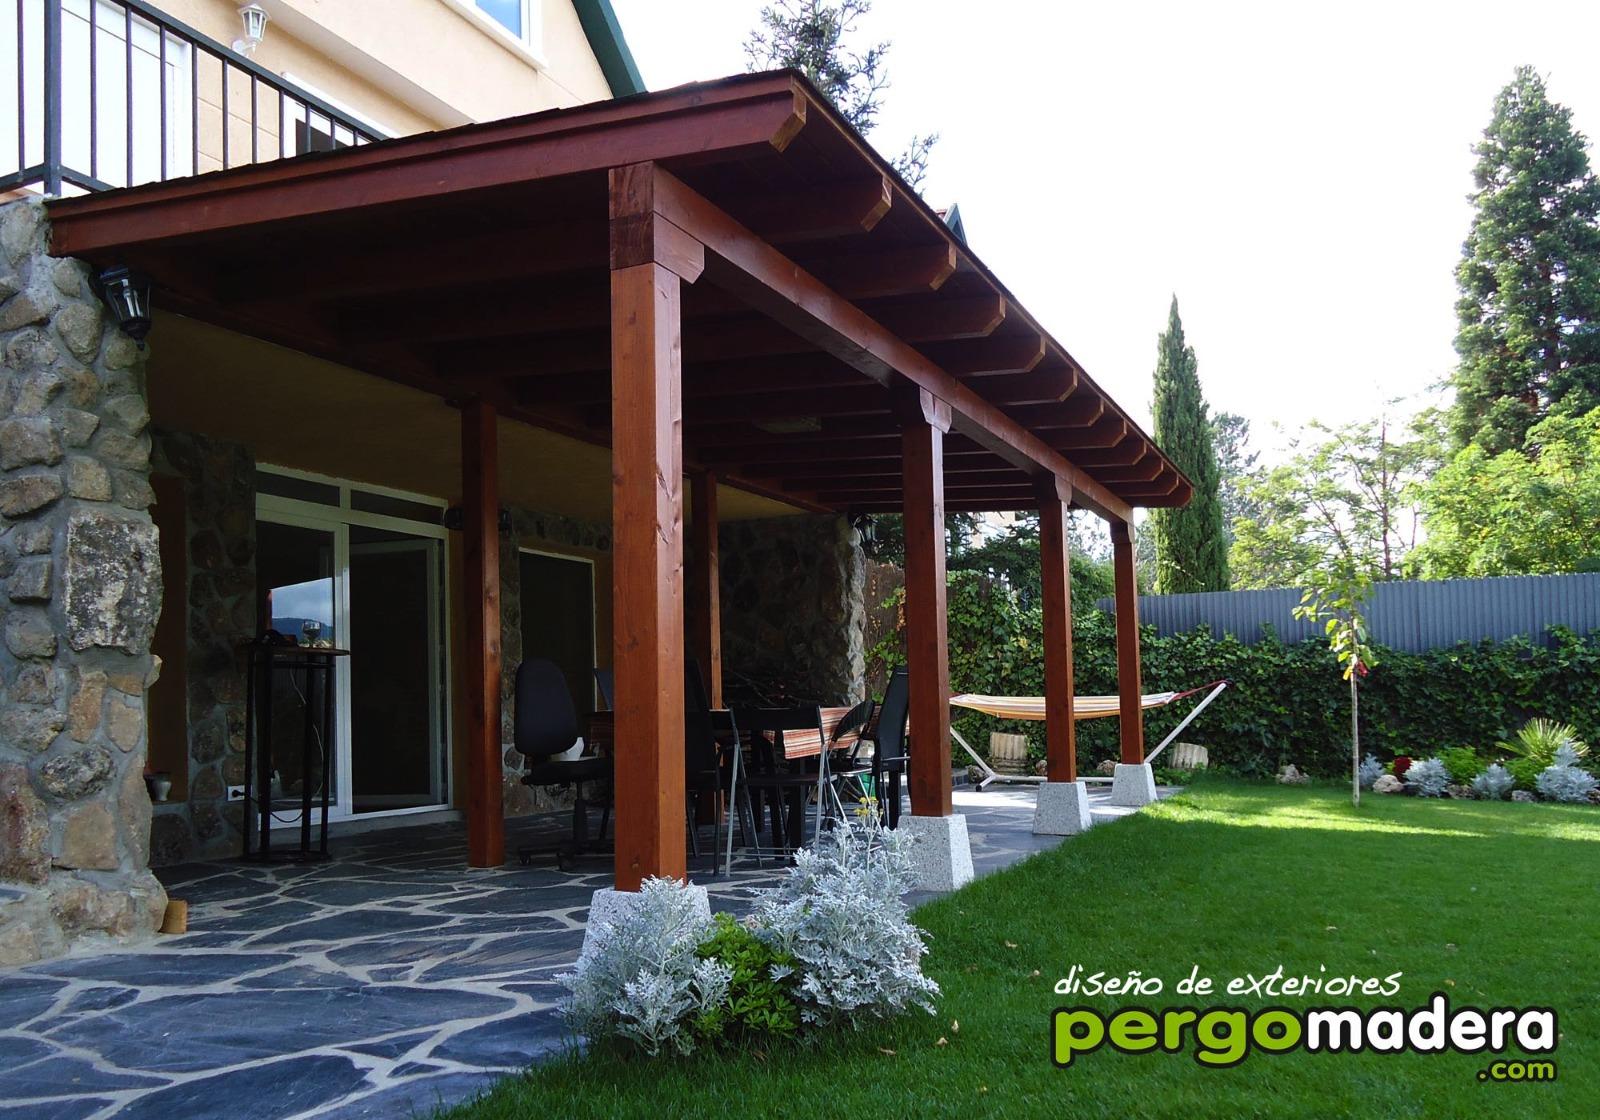 Exteriorismo y dise o de p rgolas porches cenadores y for Porche jardin madera